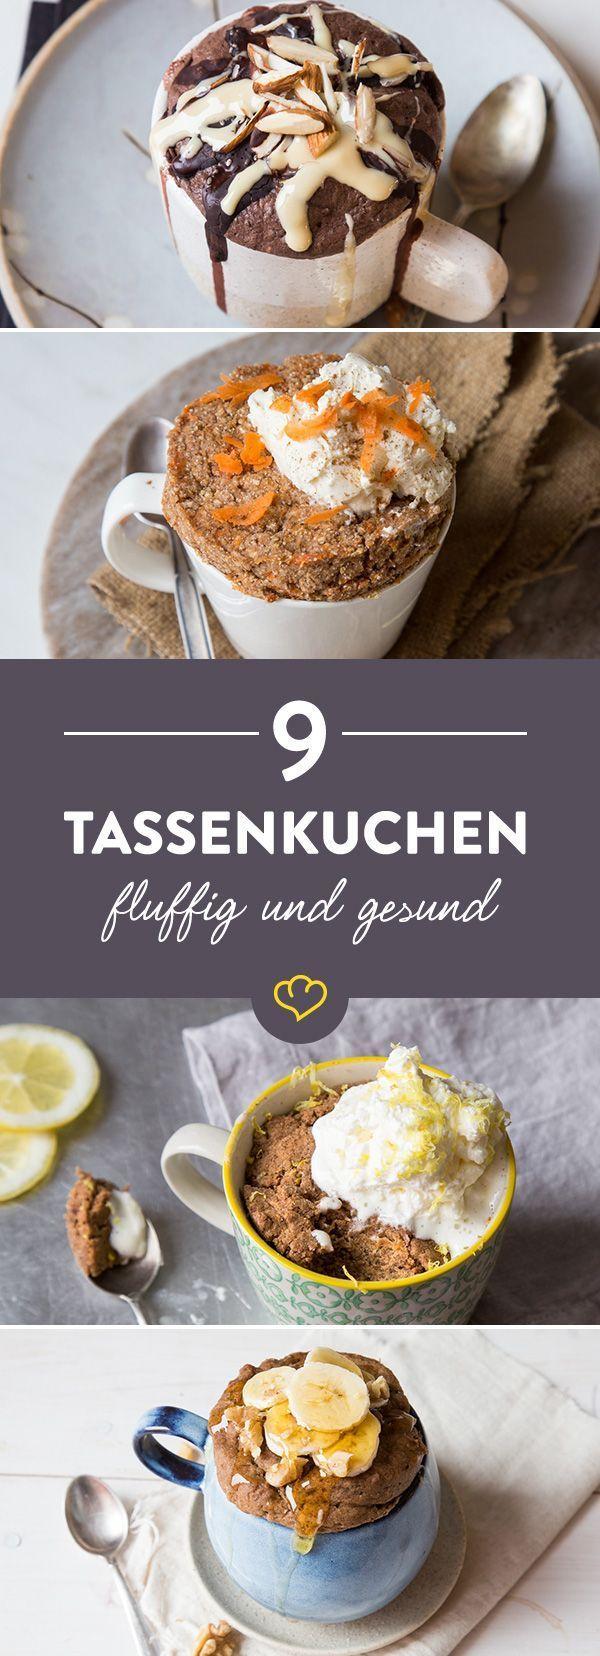 Ob Low Carb, Clean, Paleo, Glutenfrei oder Vegan – unter dieser 9 gesunden Tasse …   – Last Minute Kuchen | schnell was Süßes